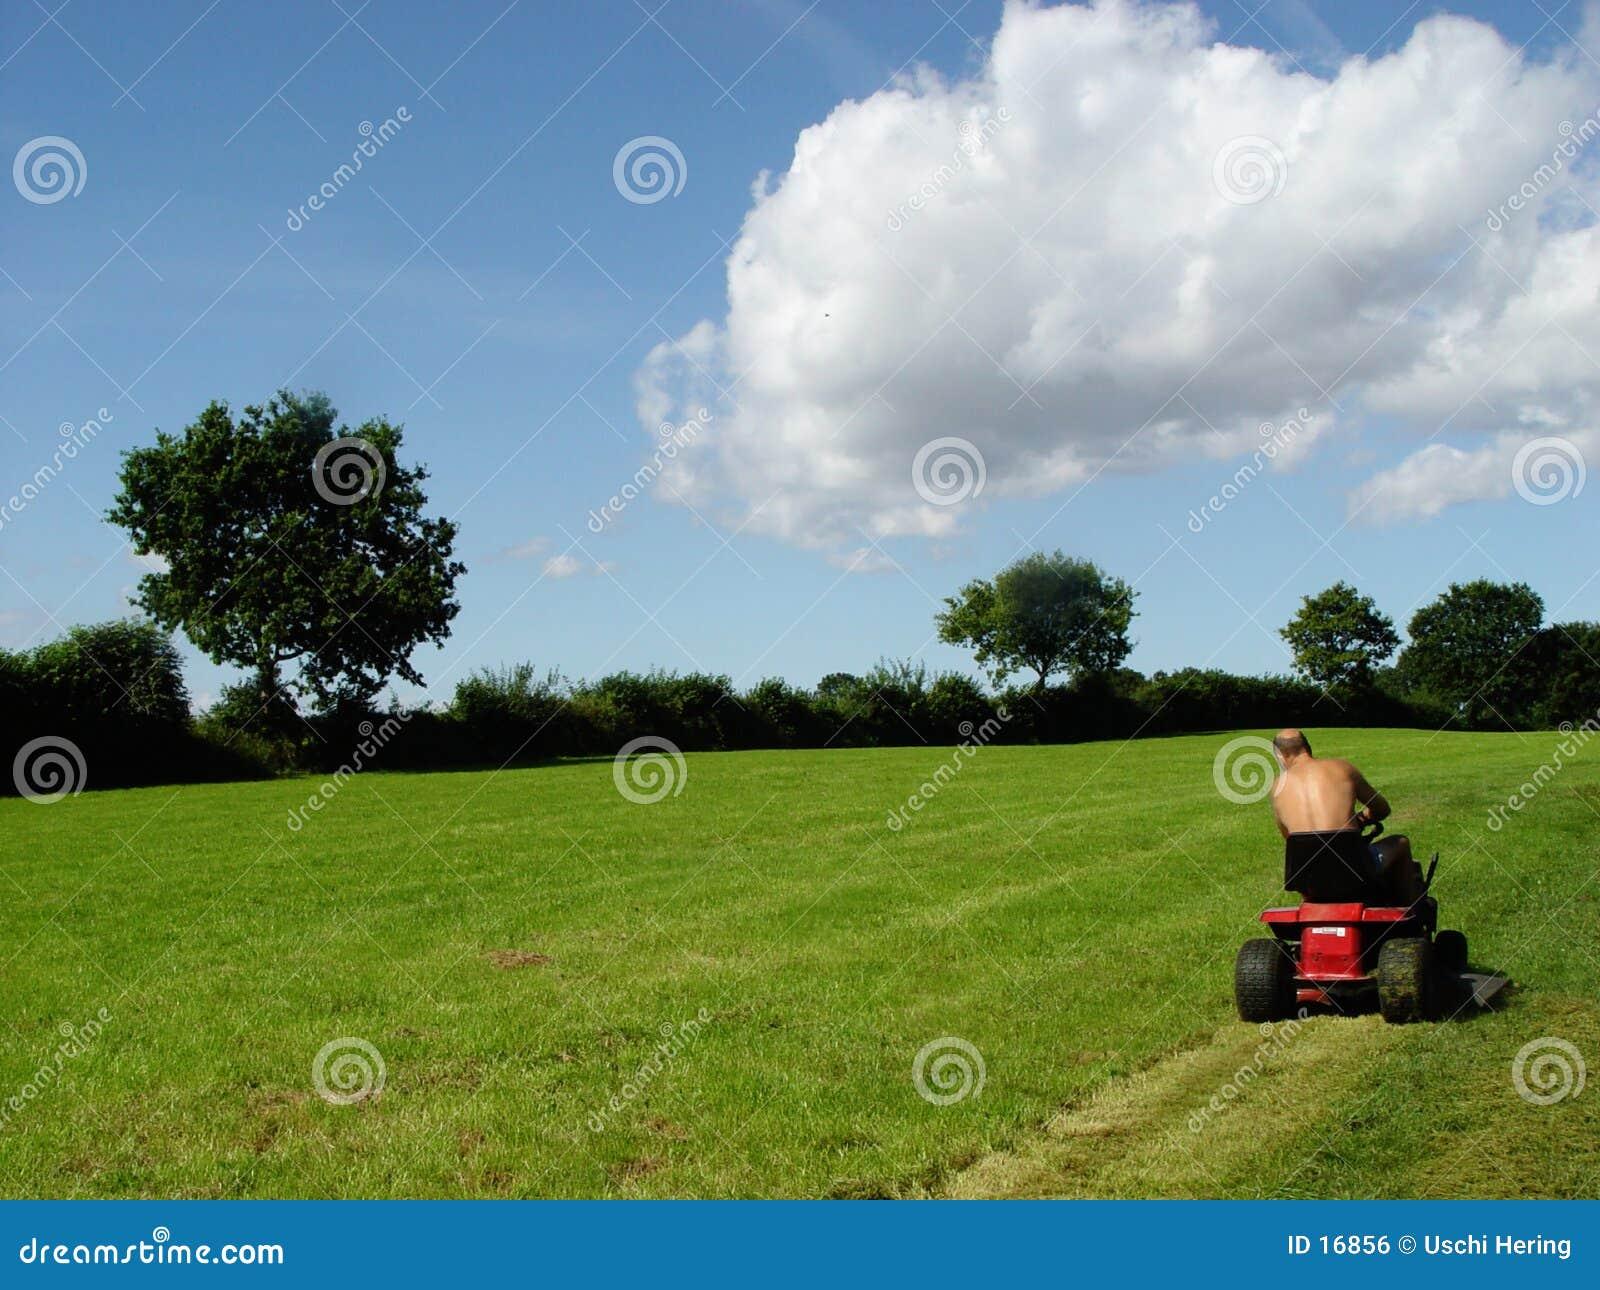 mowing man